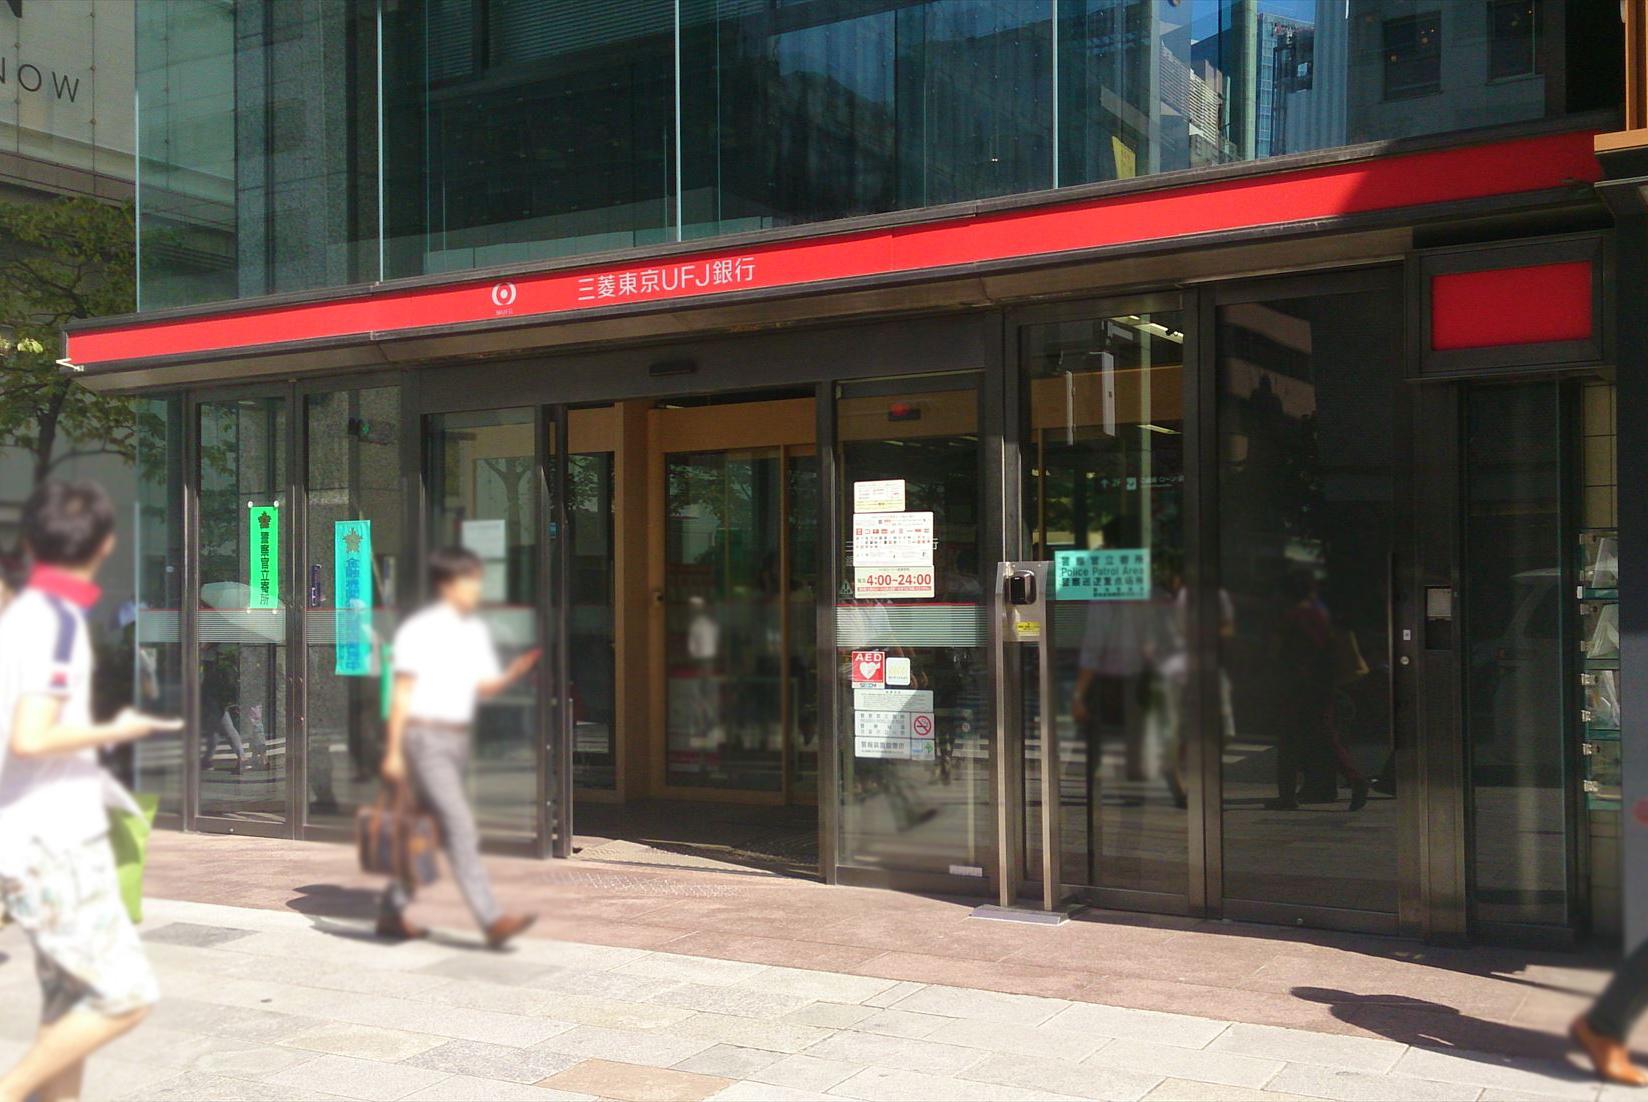 三菱東京UFJ銀行「銀座支店」